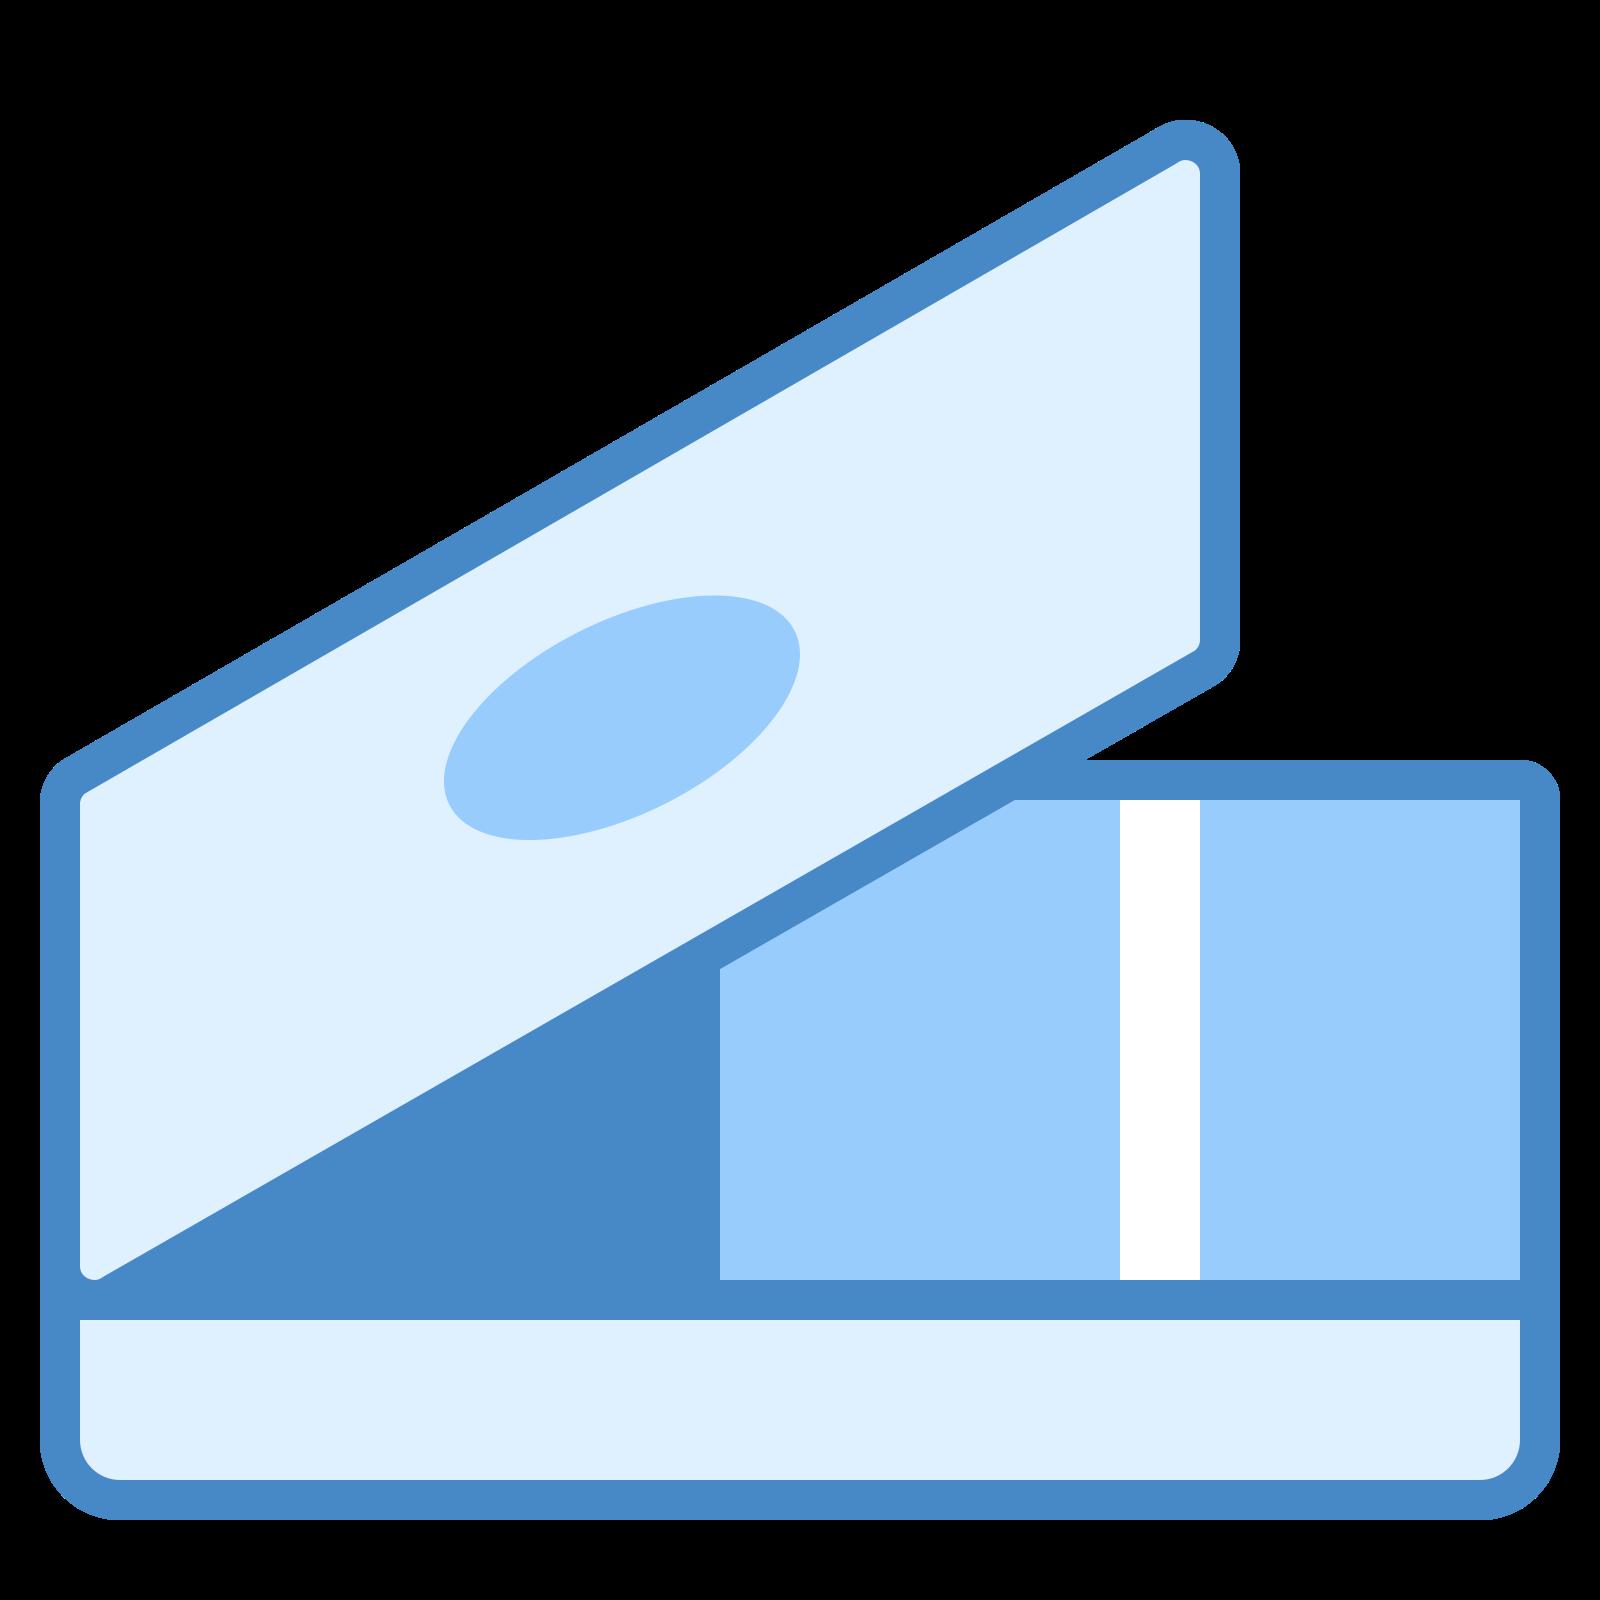 扫描仪 icon